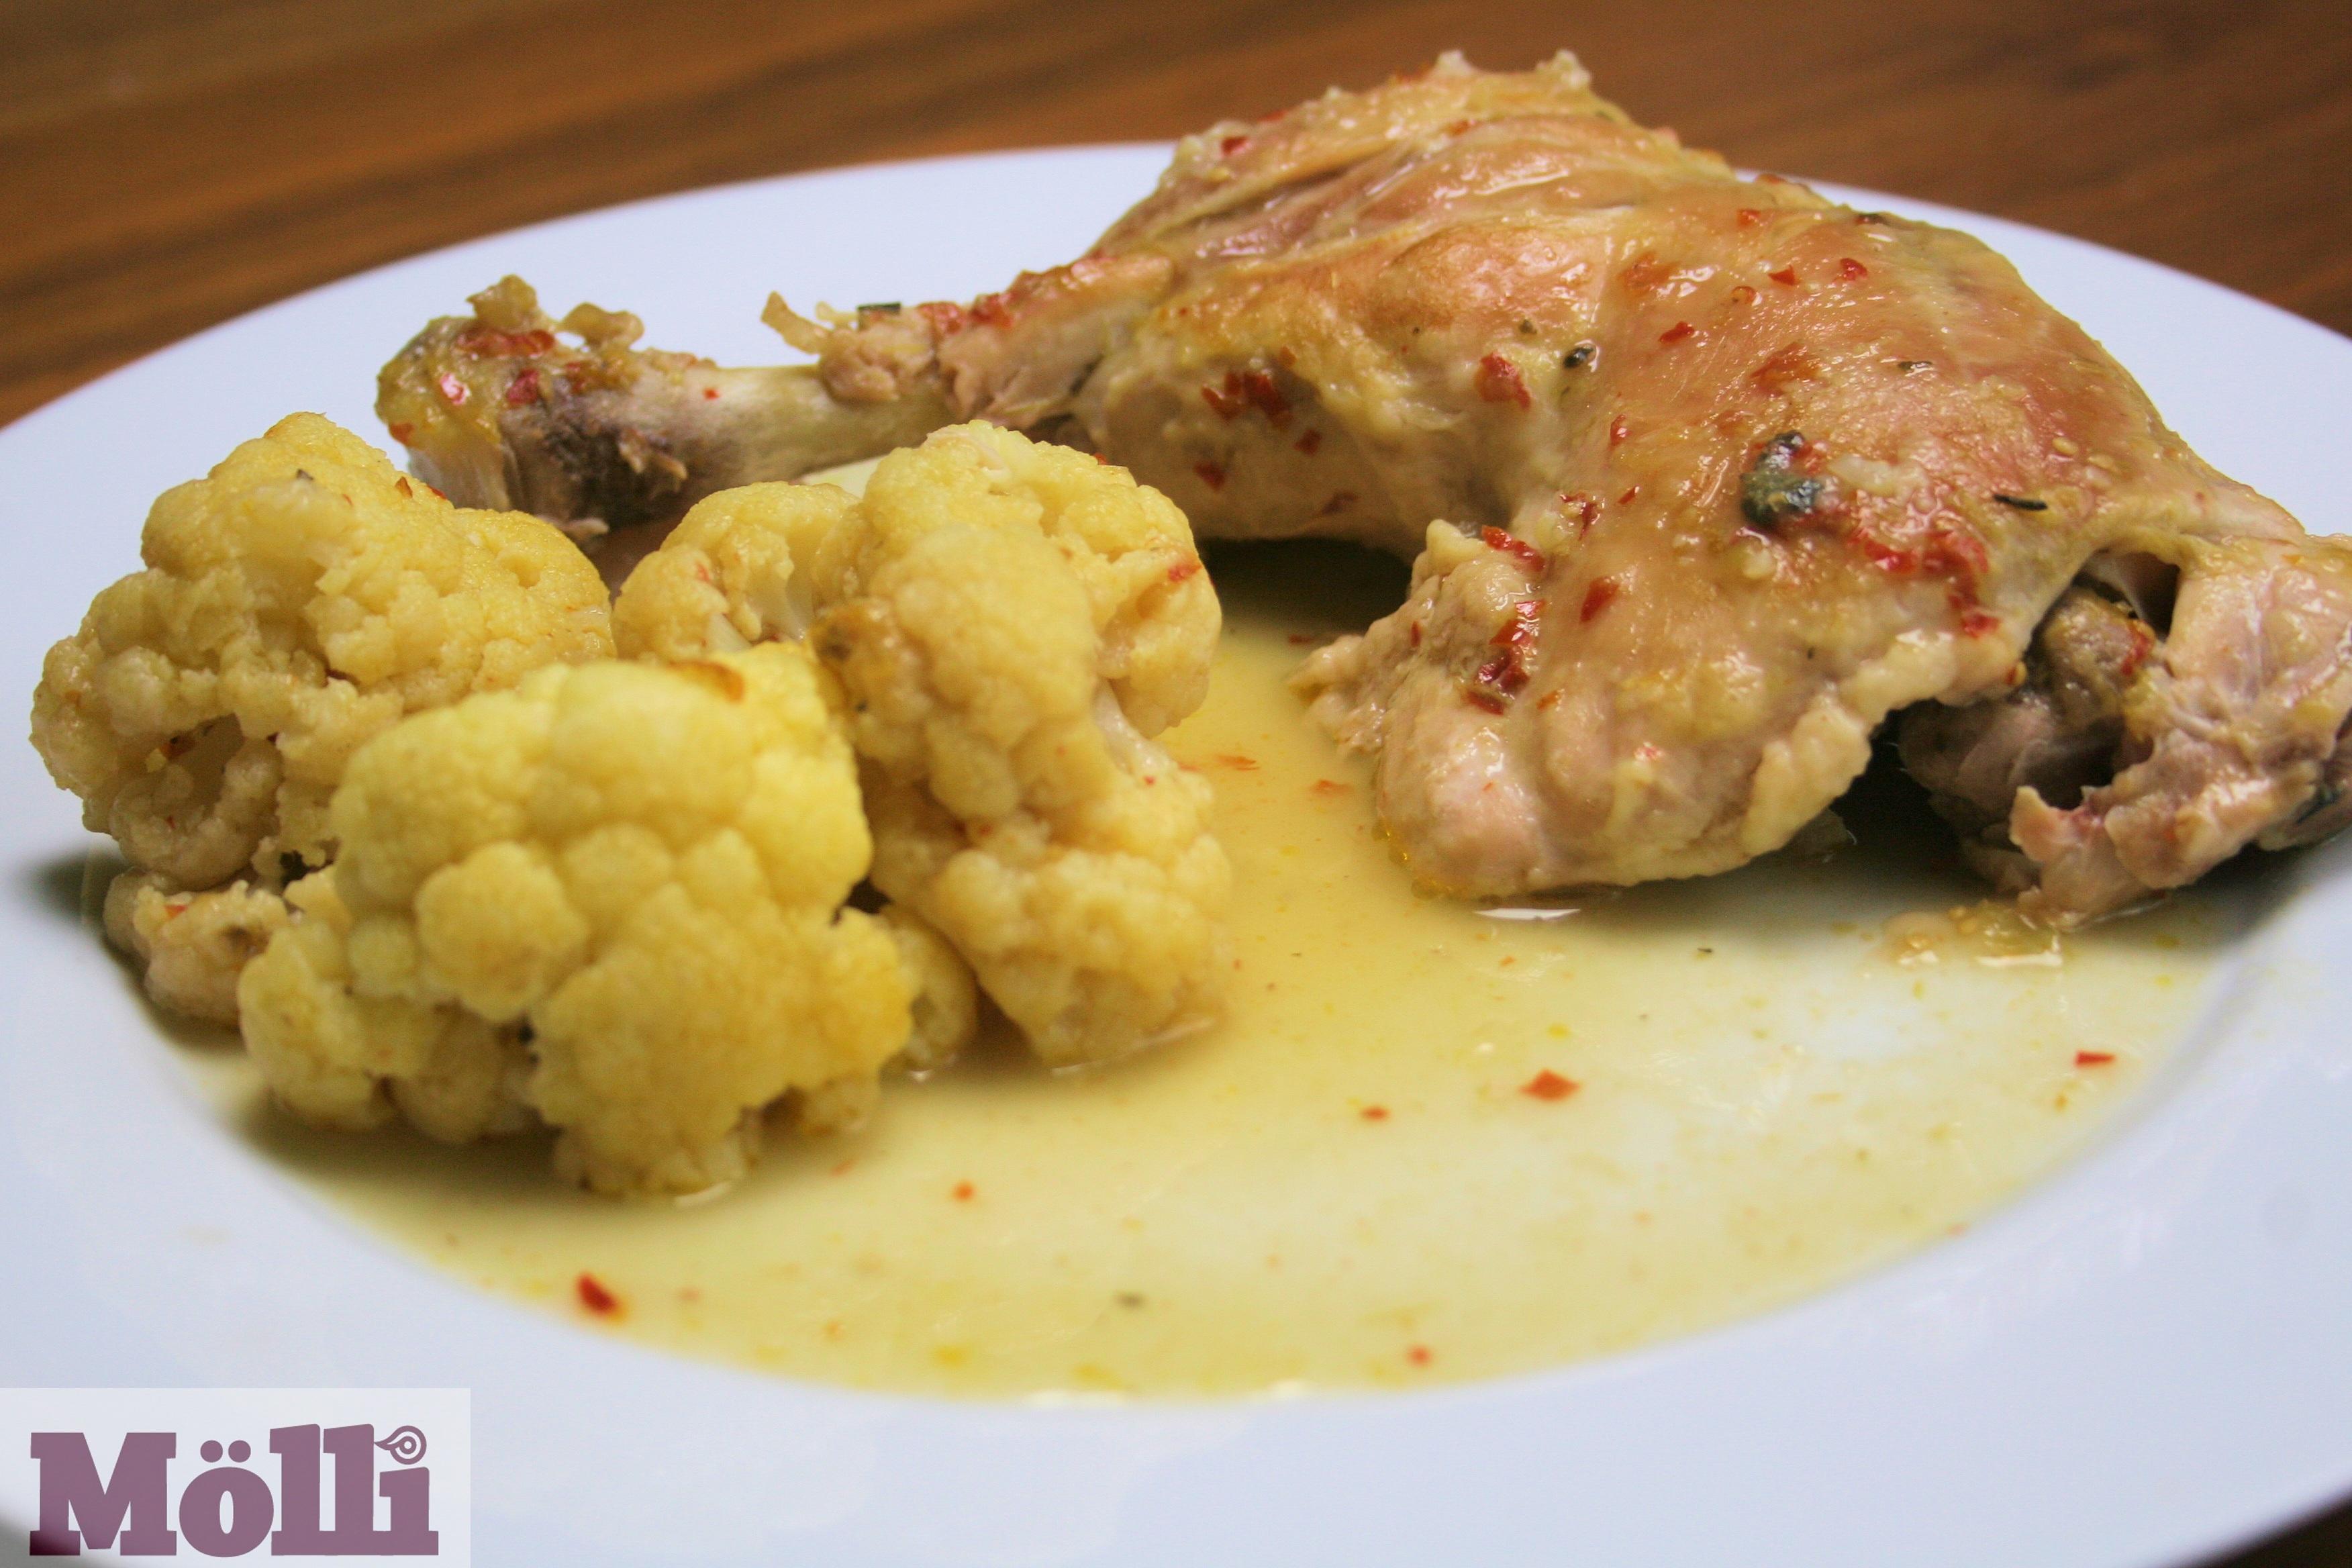 ... Dish Poultry - Chicken Chicken chili verde (Guisado verde con pollo